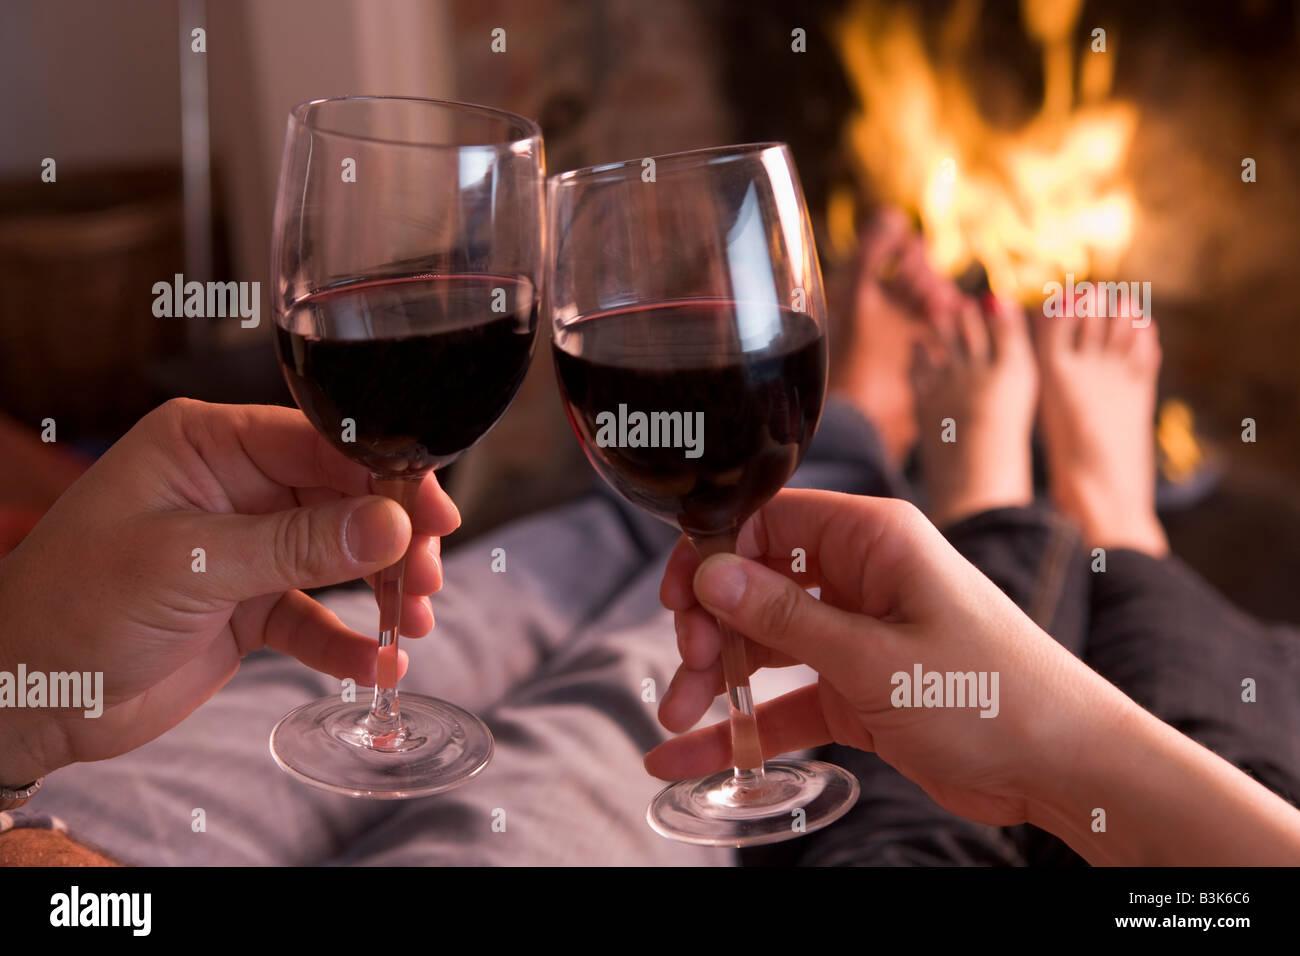 Pieds de réchauffement climatique à la cheminée avec hands holding wine Photo Stock